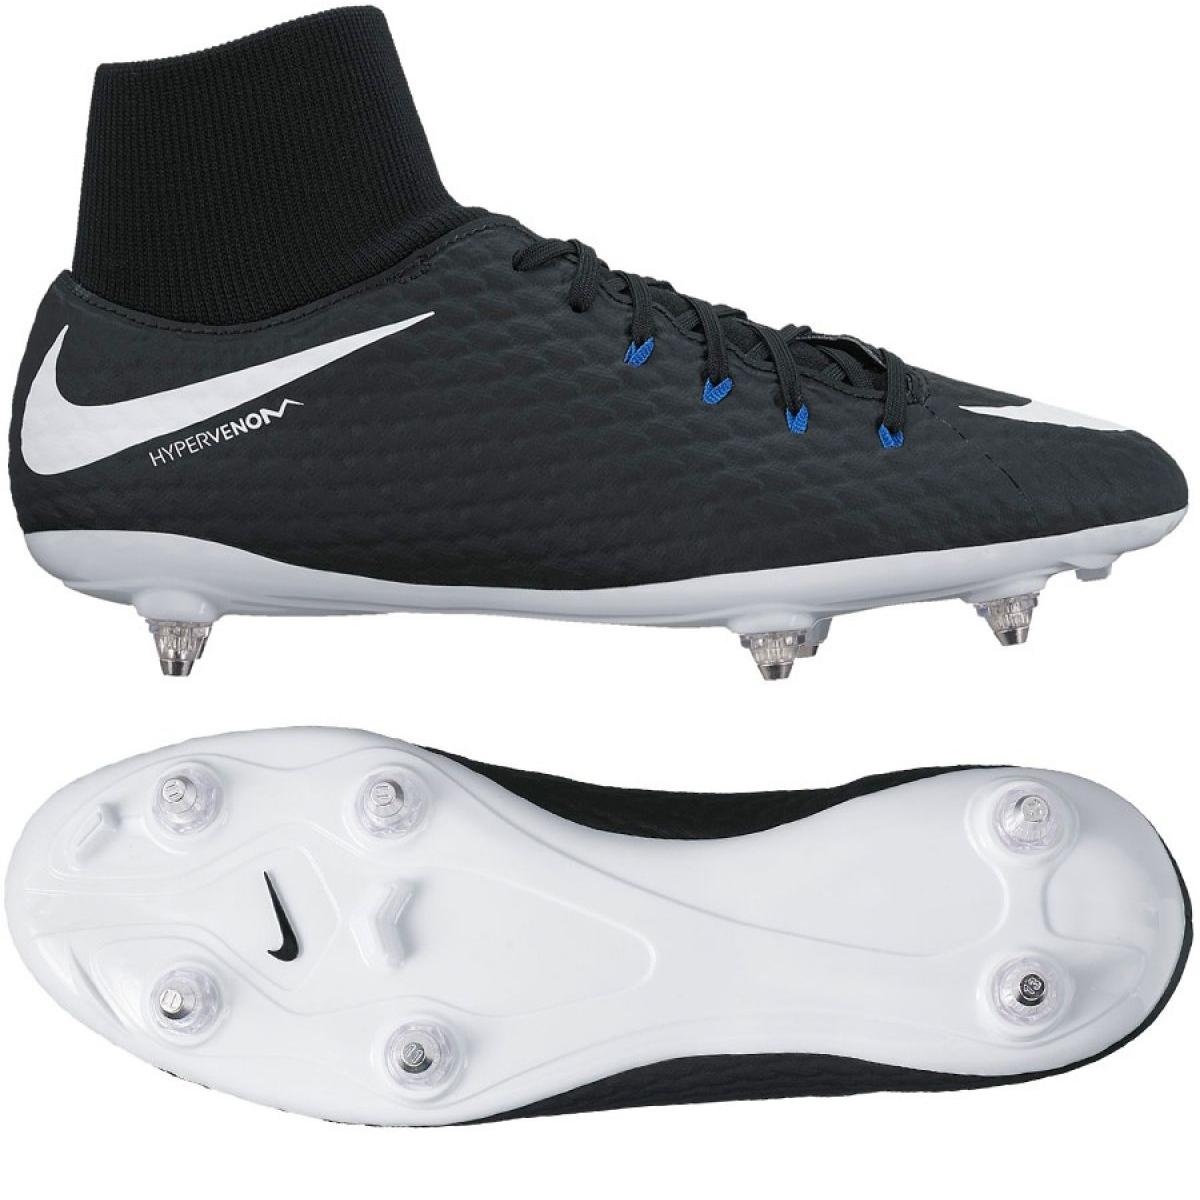 Hombre Zapatos Deportivos | Cómodo Nike F.C. Free Hypervenom